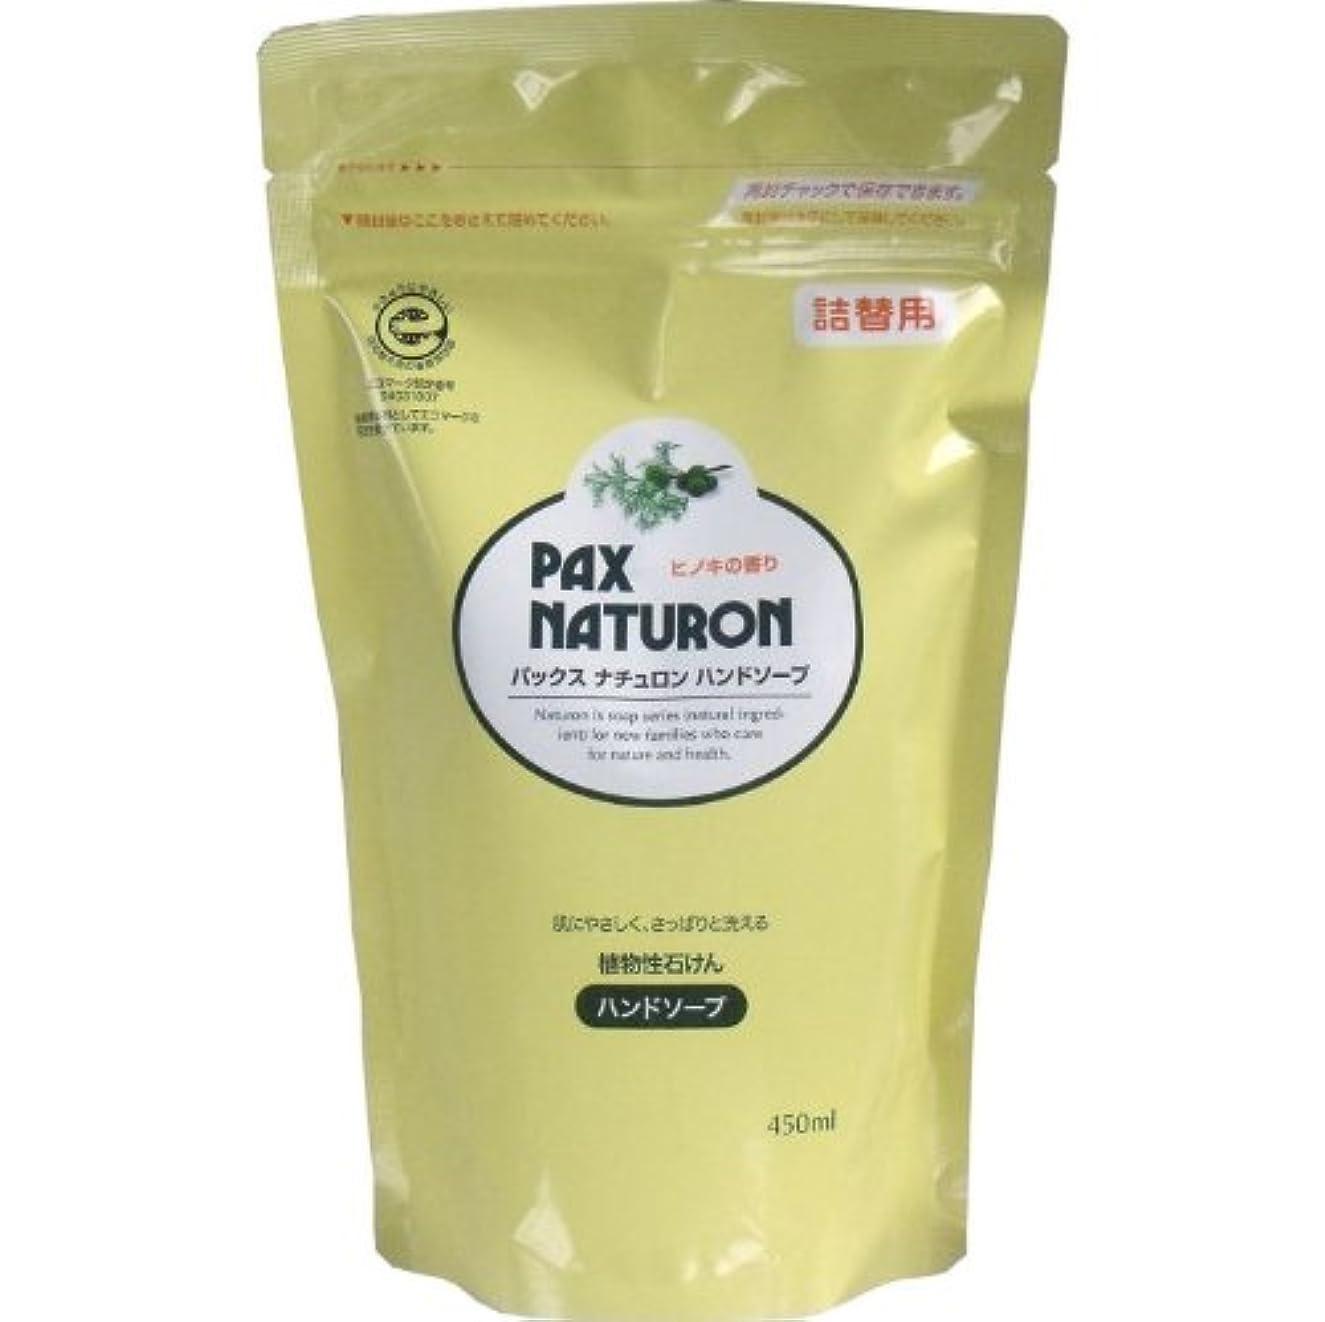 細胞イソギンチャクバス肌にやさしく、さっぱりと洗える植物性石けん!植物性ハンドソープ 詰替用 450mL【2個セット】